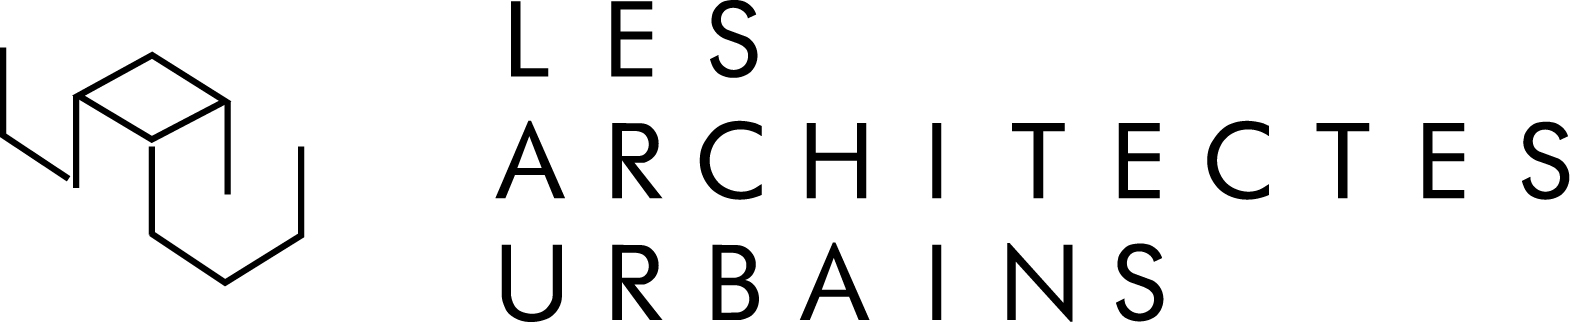 Les Architectes Urbains, Lyon, Annecy, Architecte, Architecte d'intérieur, Urbaniste, Aménagement, Décoration, Réhabilitation, Réaménagement